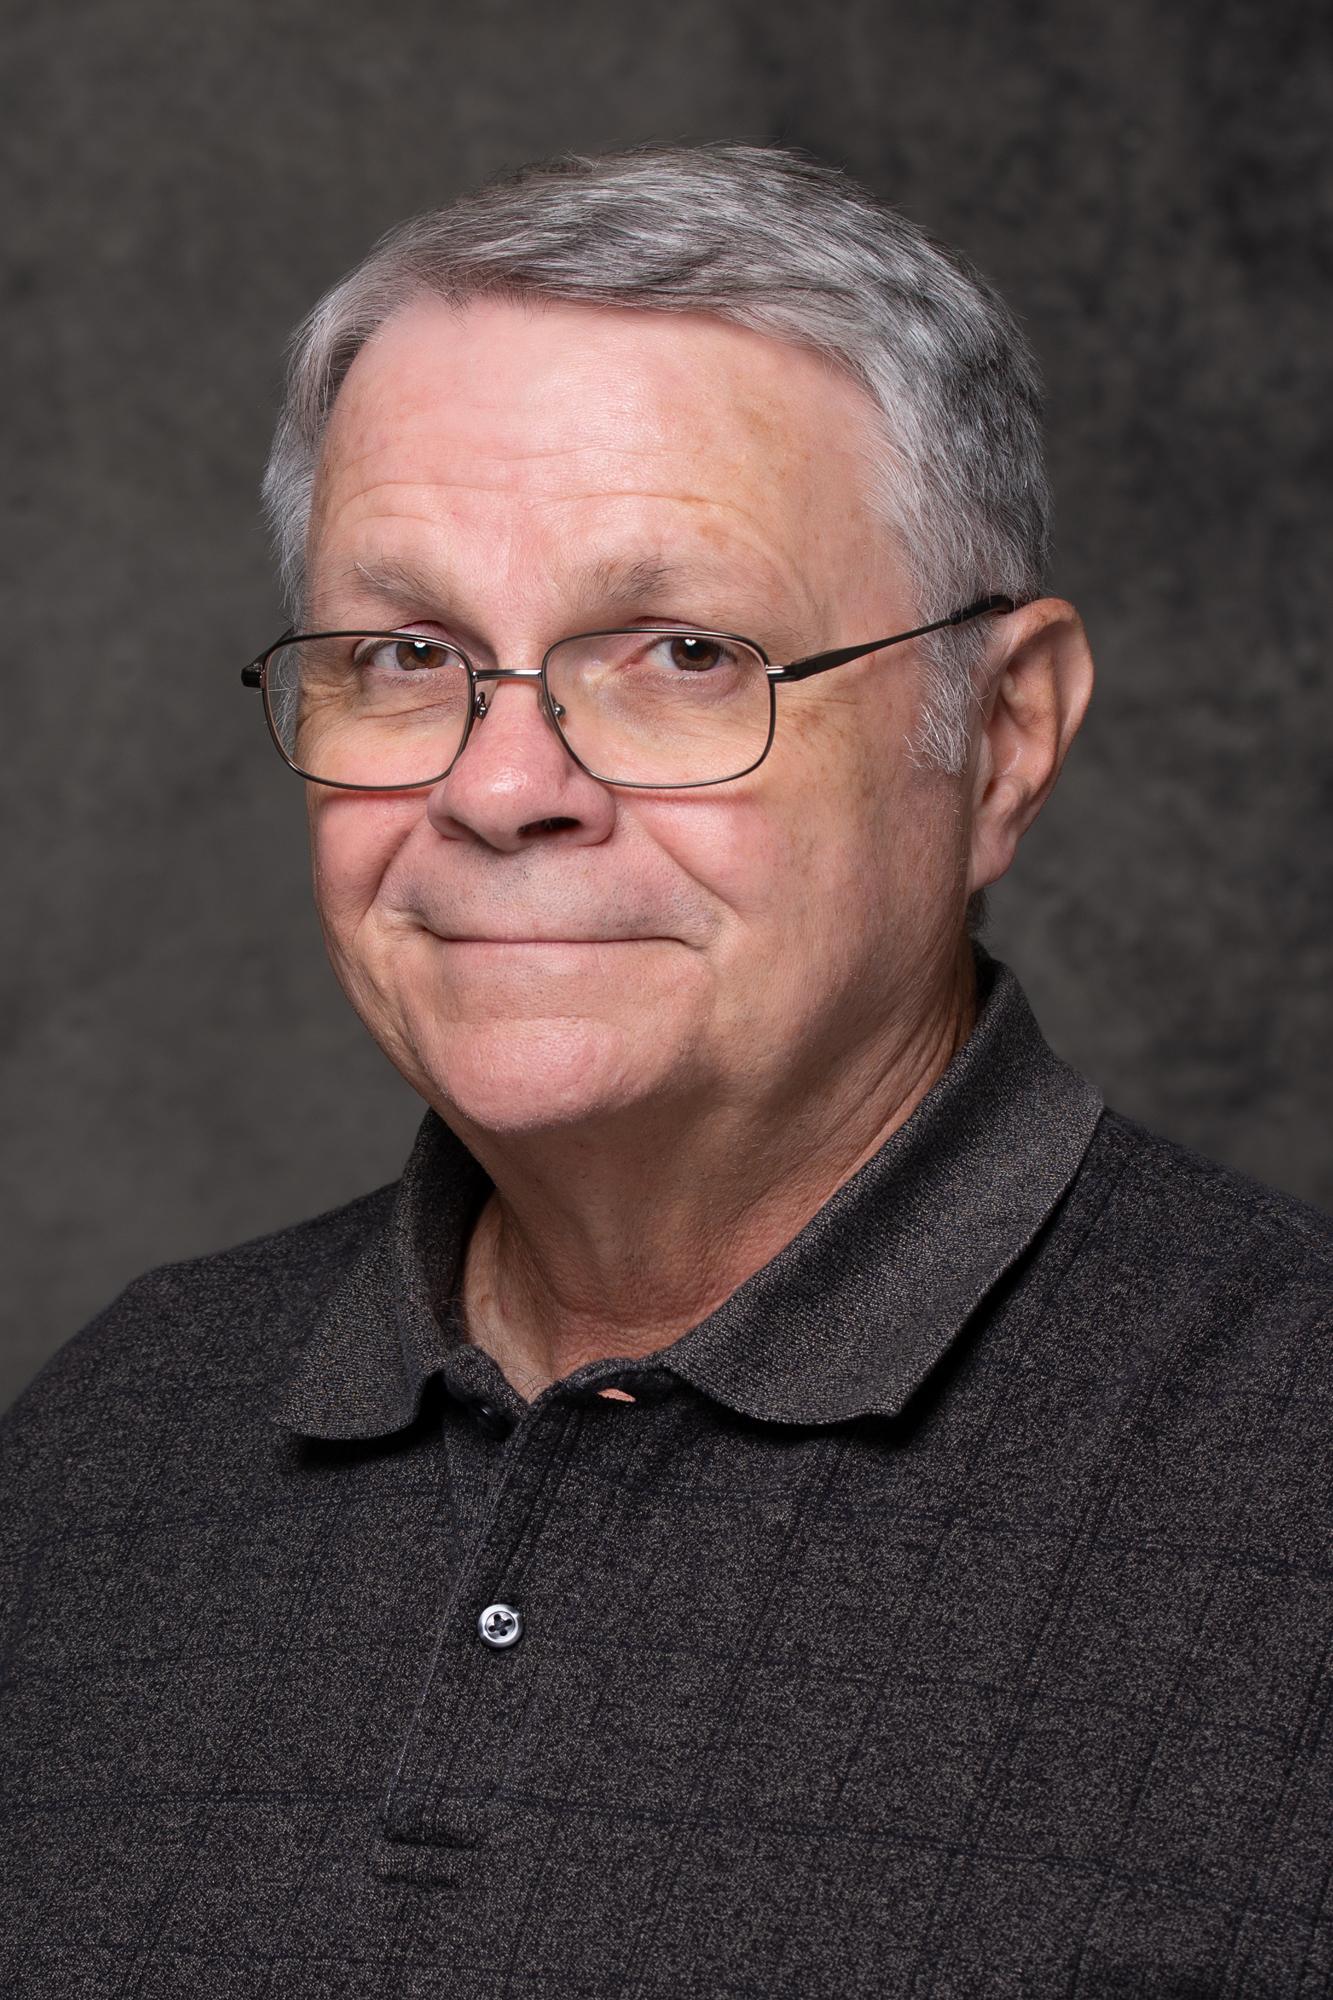 Lee Cox